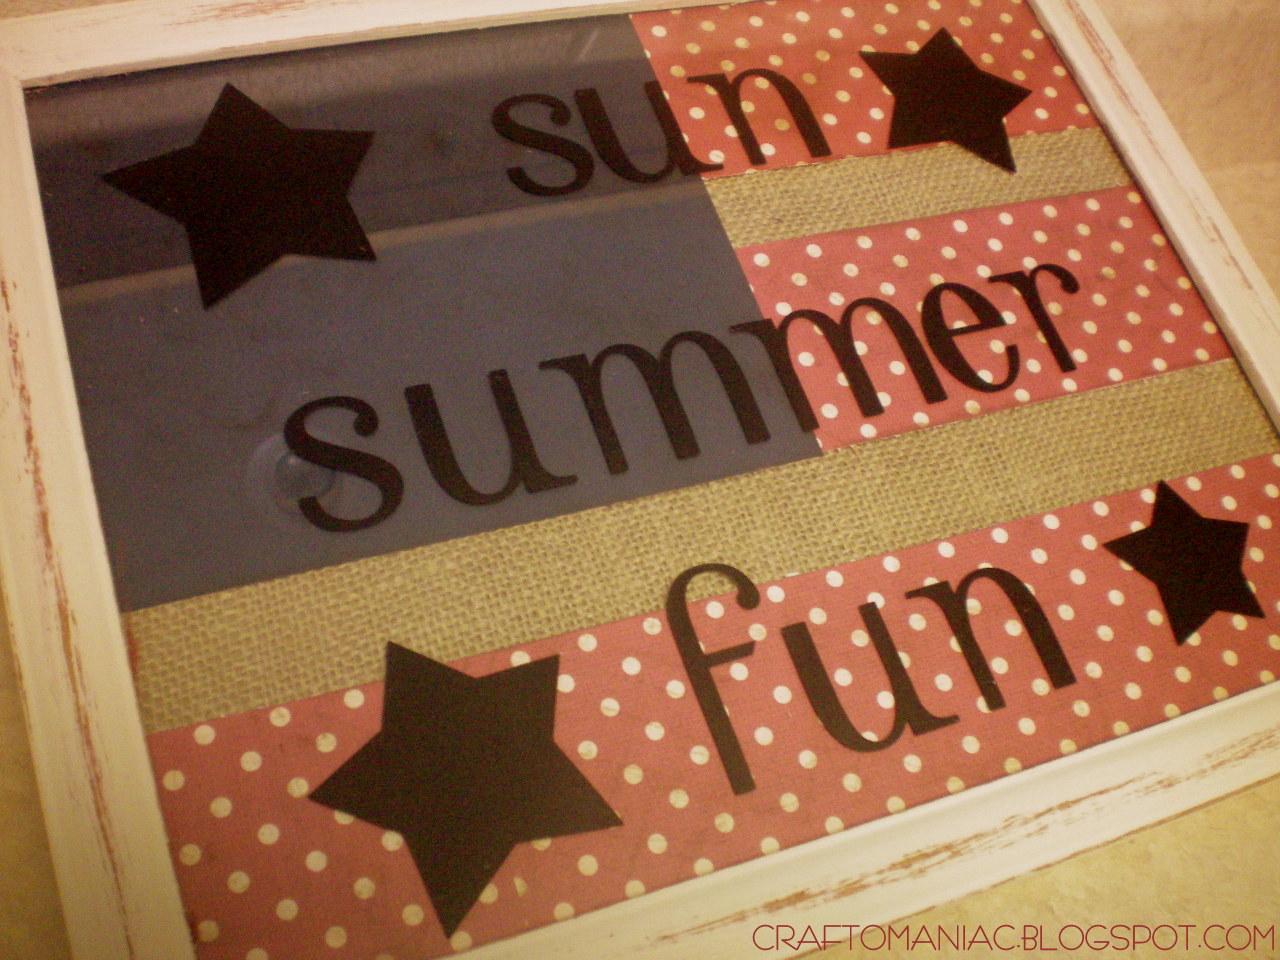 http://1.bp.blogspot.com/_NZmuzi7mfmw/TA5eddN_1rI/AAAAAAAAPkI/nM8F4AcaYS8/s1600/framedflagburlapangle.jpg